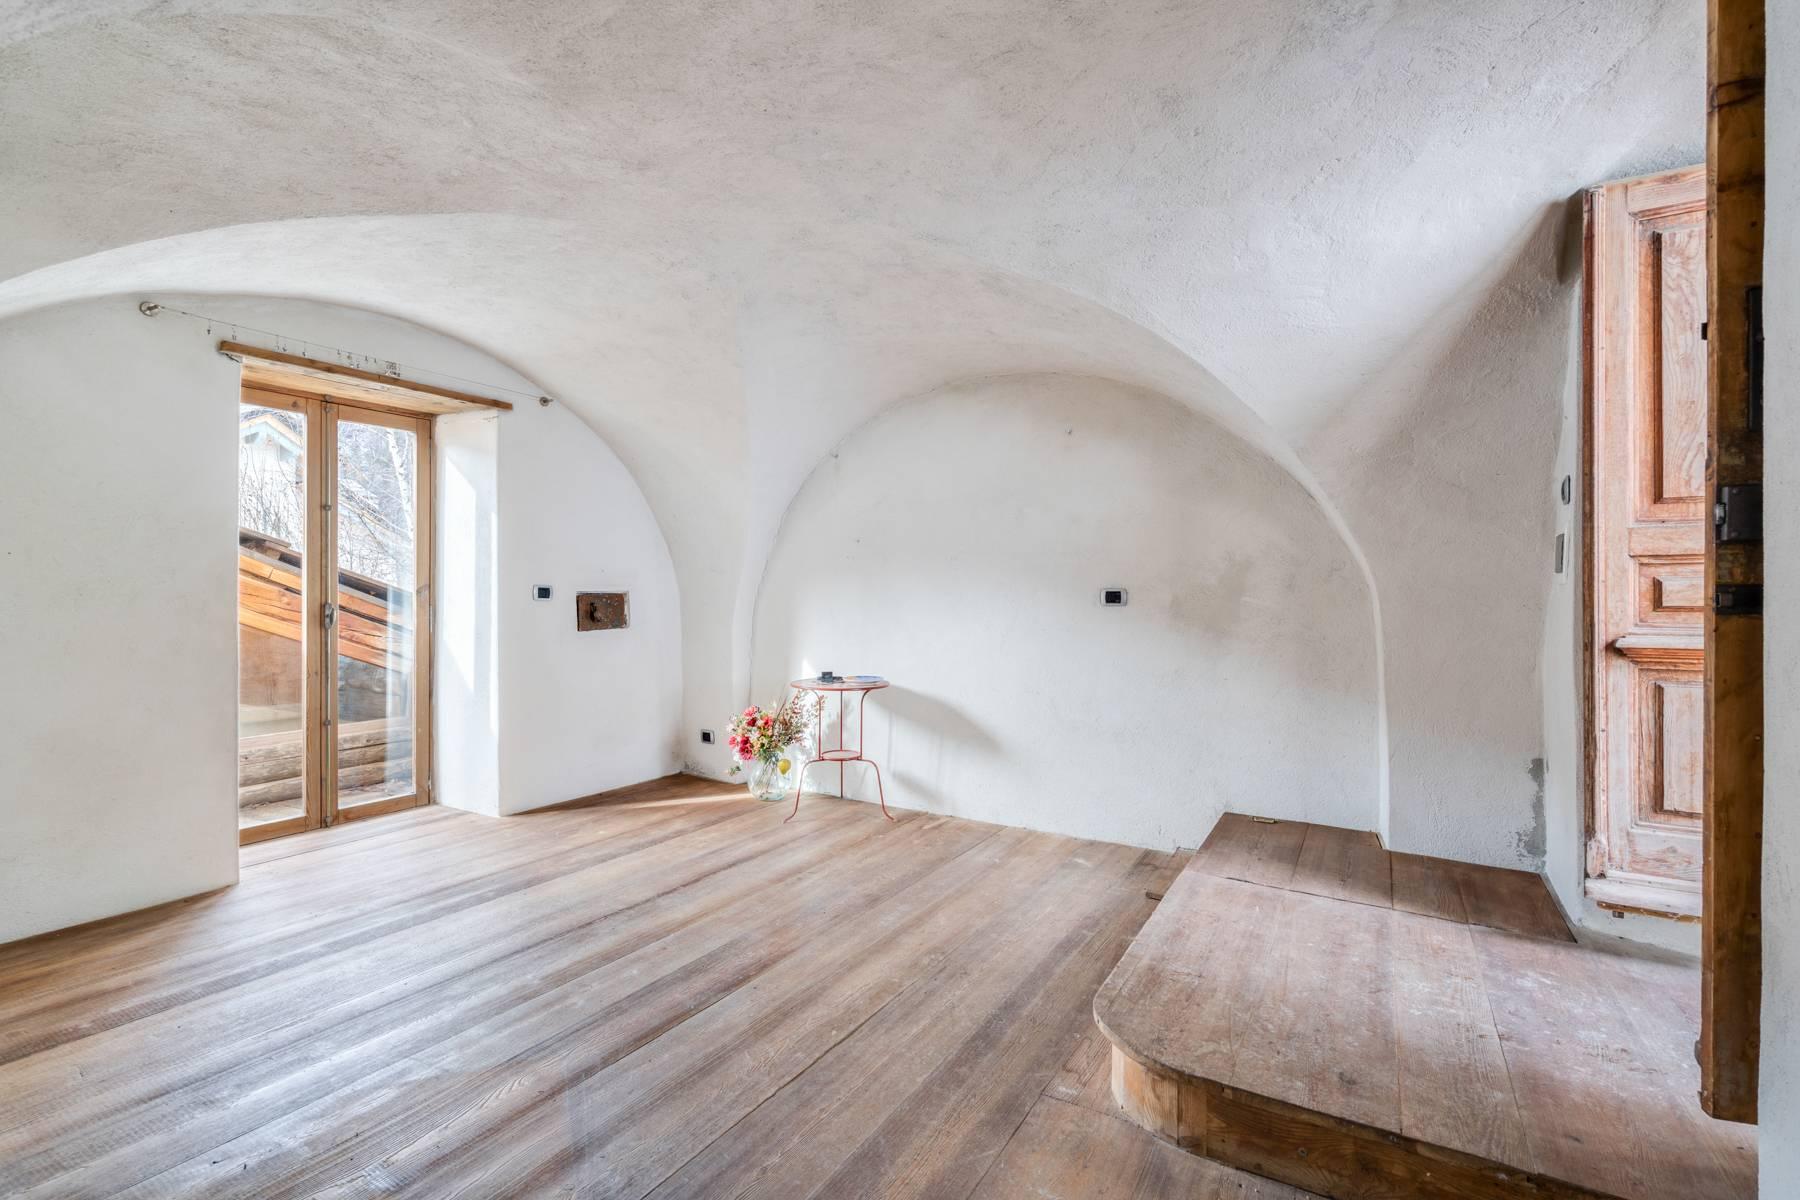 Casa indipendente in Vendita a Cesana Torinese: 5 locali, 180 mq - Foto 11